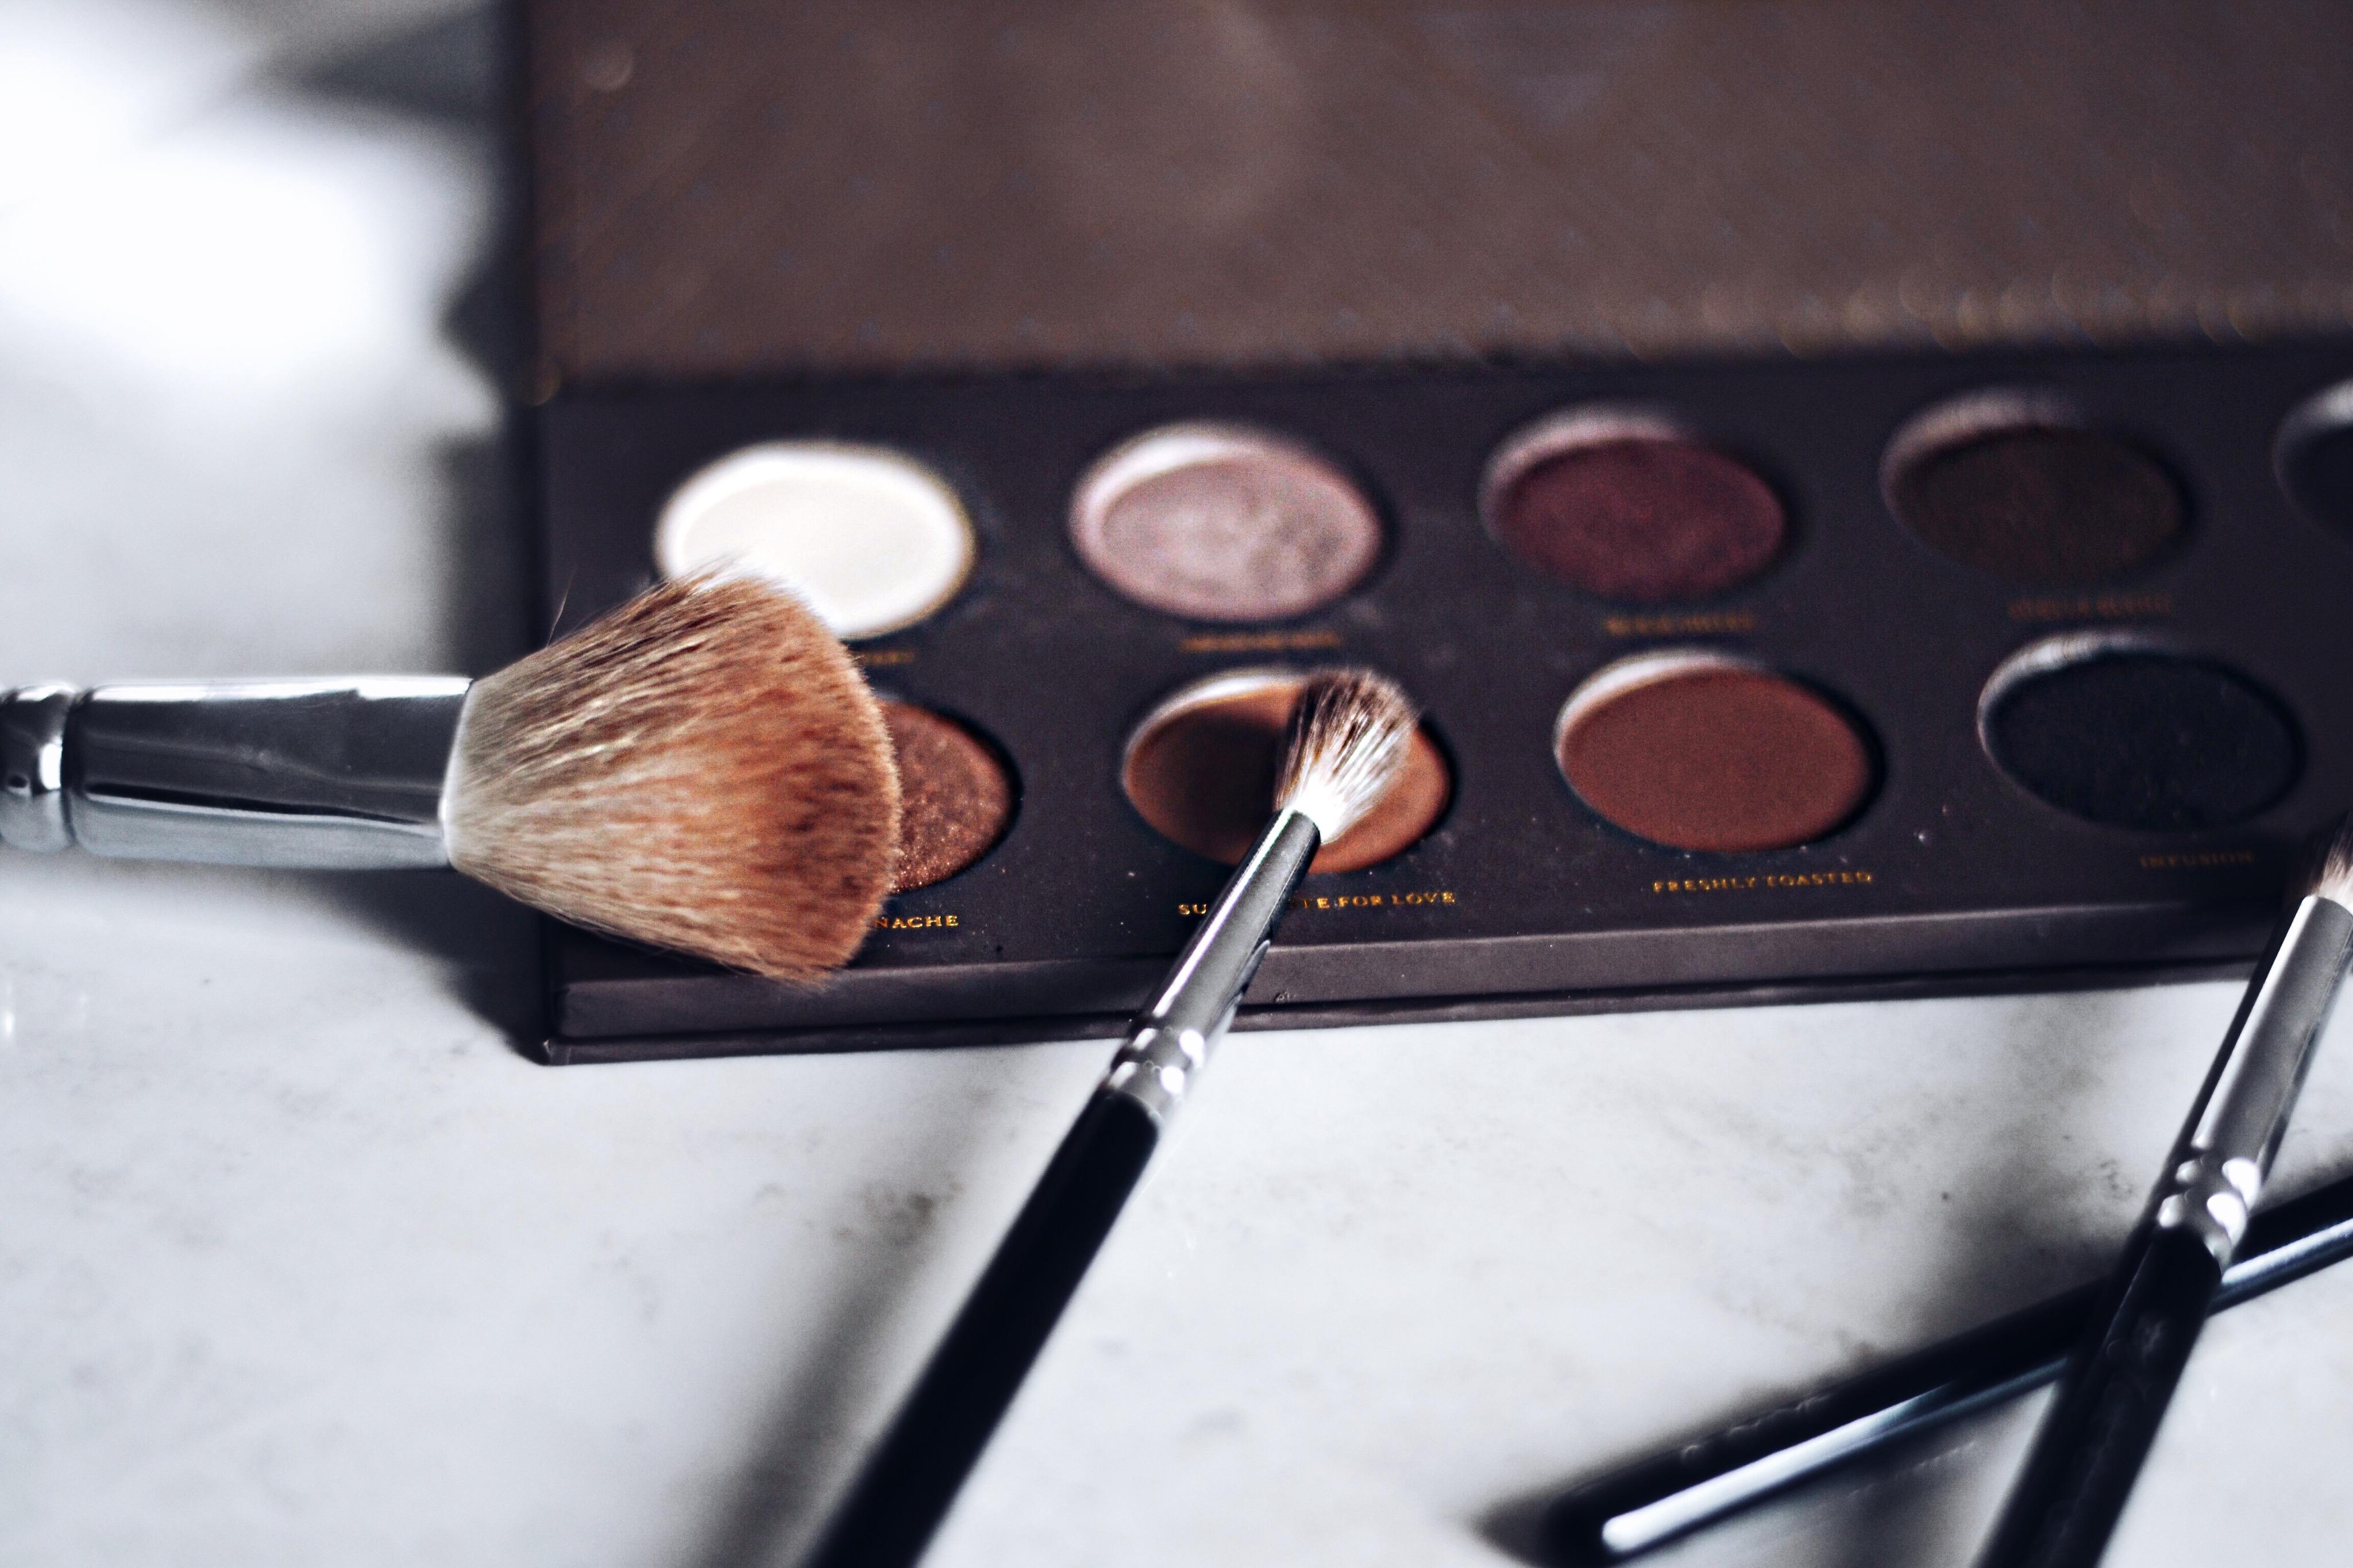 allthatchoices laura fashionblog mainz besten beautyprodukte zoeva pinselset lidschatten palette eyeshadow brauntöne 1.JPG